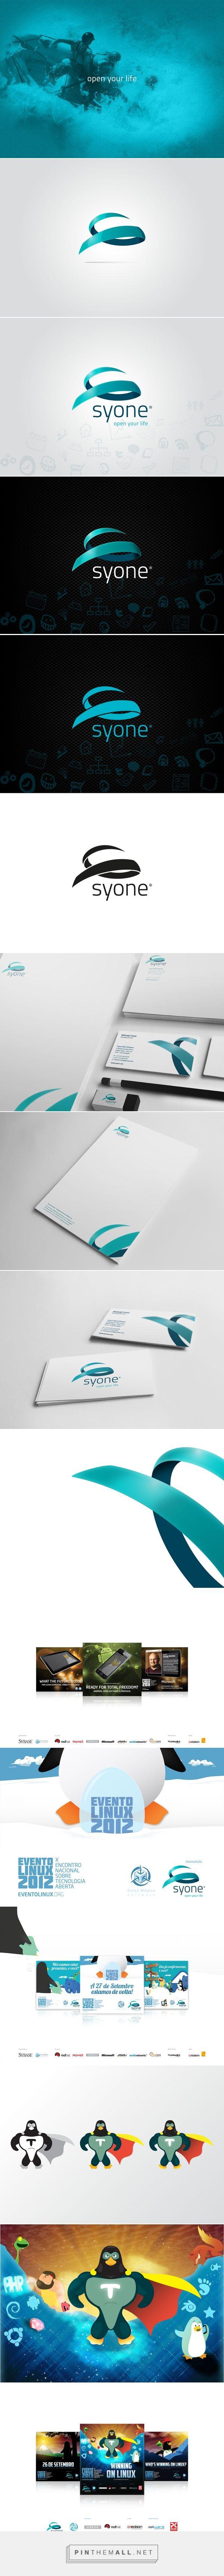 Agency: Creation Comunicação com Sotaque Cliente: Syone Ano: 2012